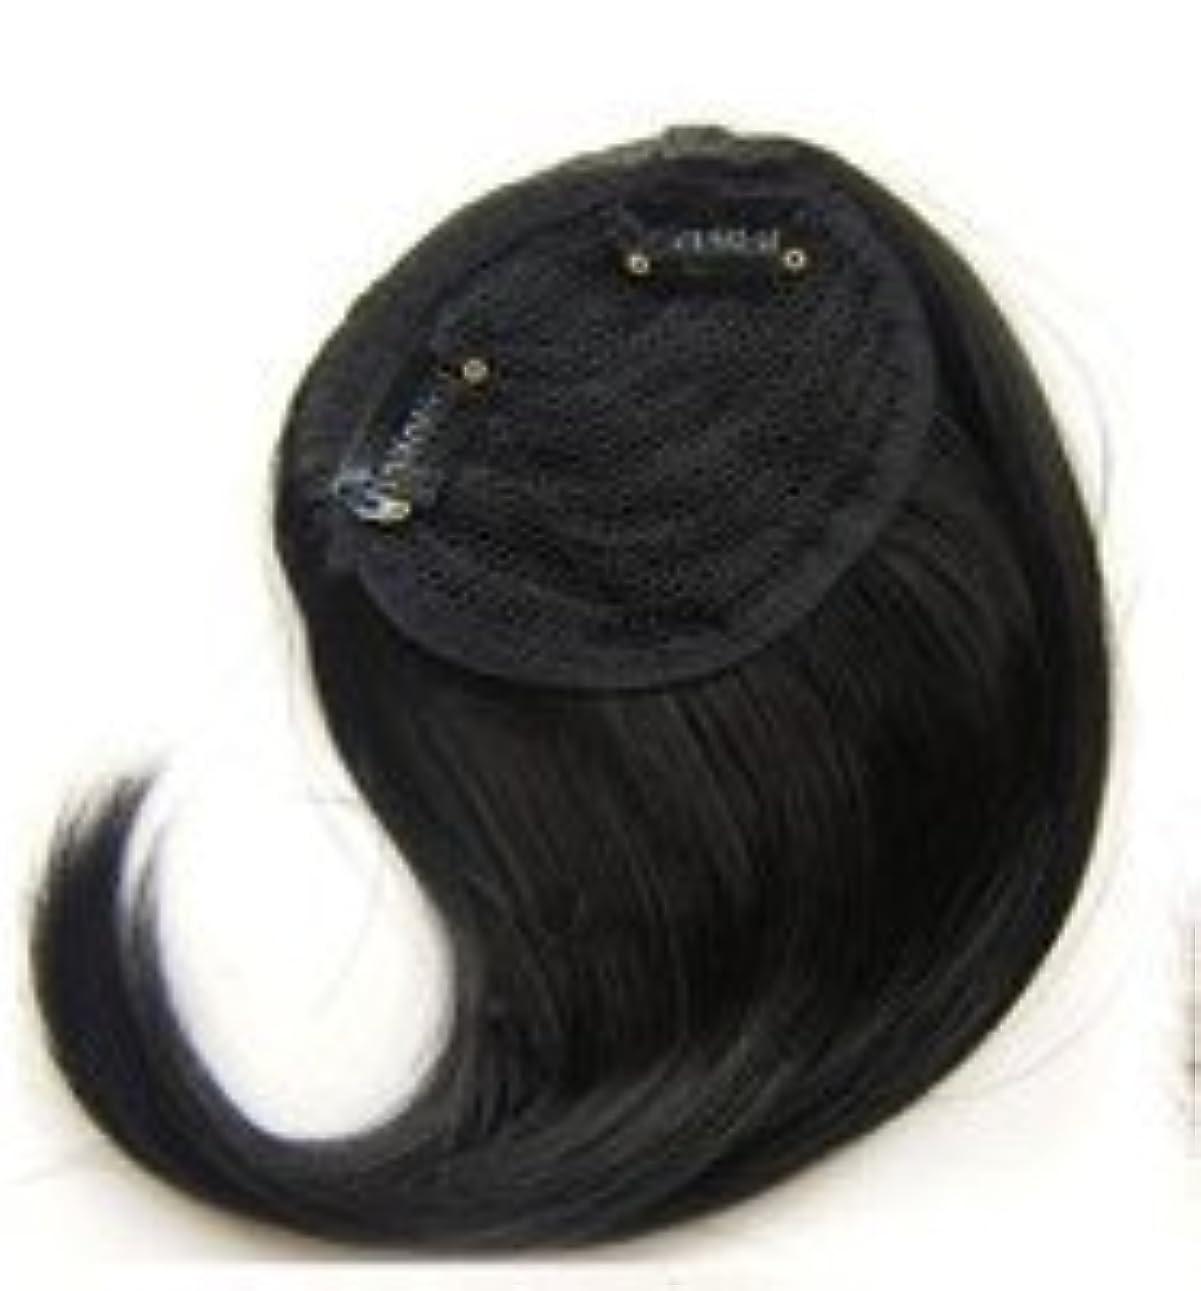 推進、動かすカビ歯科のDoyvanntgo リアルな人間の髪のBangs拡張ピースオベリスクBangs複数の色の選択肢の形とウィッグ (Color : ブラック)